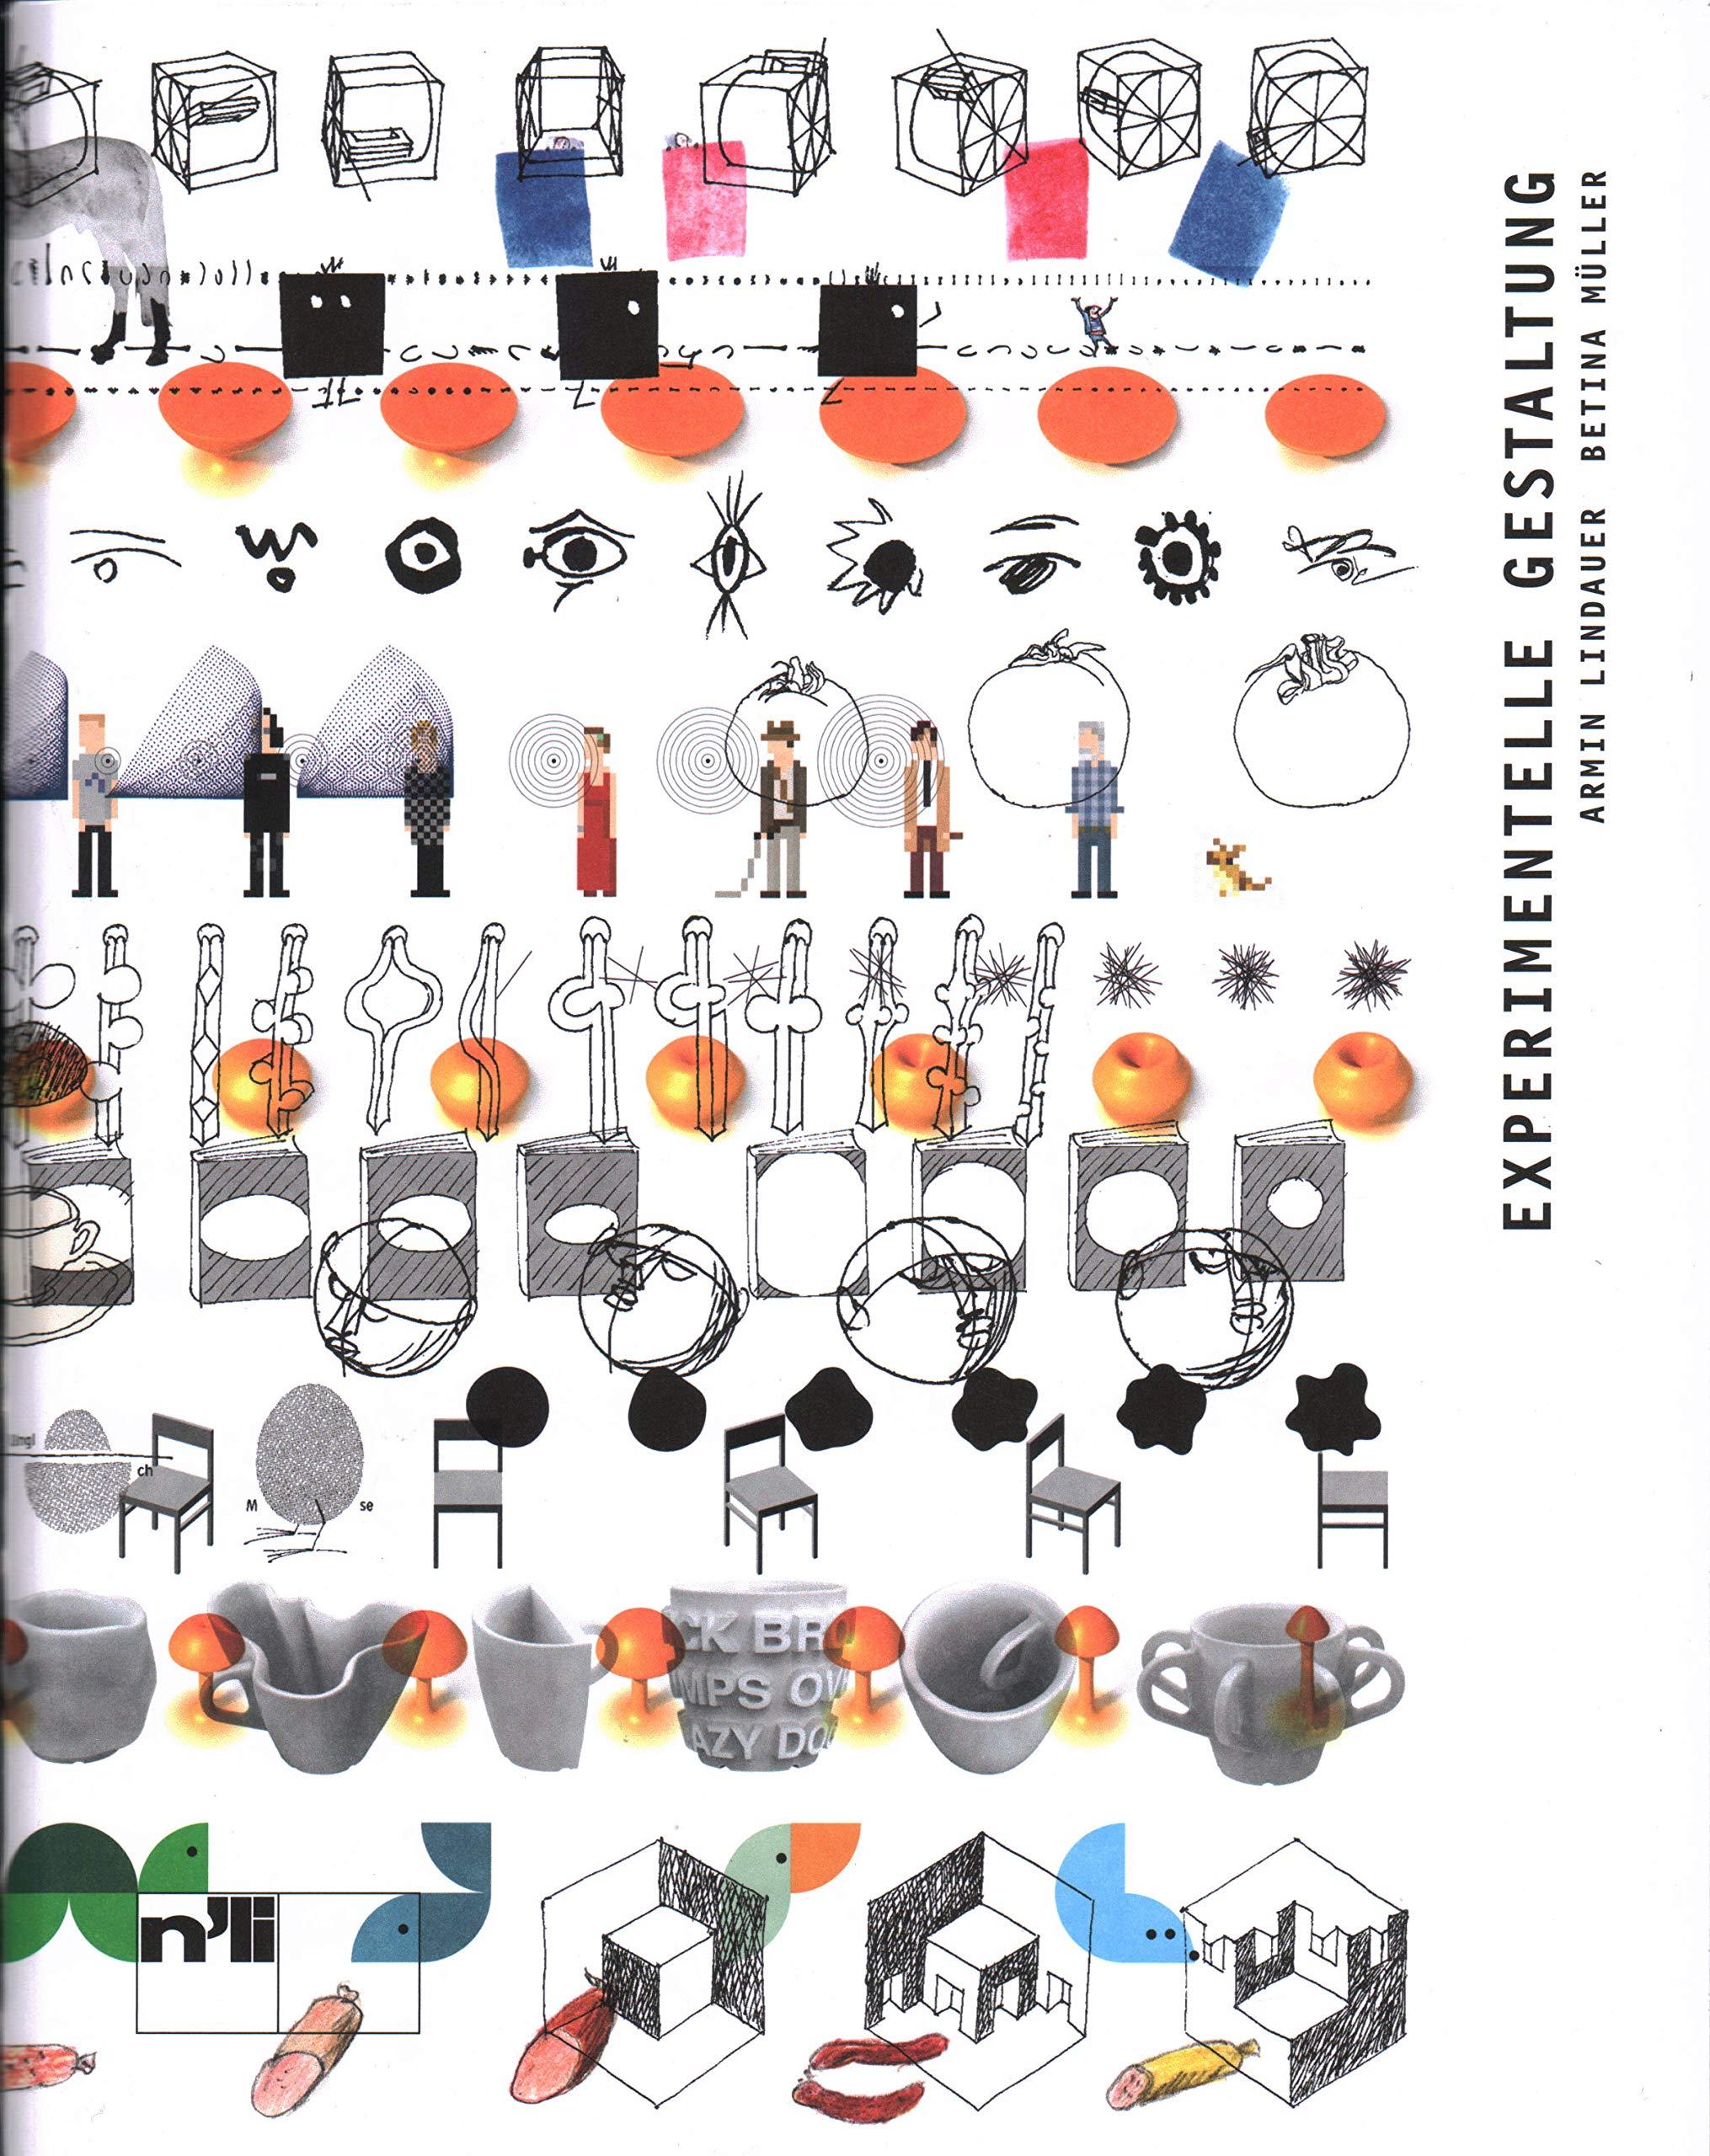 Experimentelle Gestaltung: Visuelle Methode und systematisches Spiel